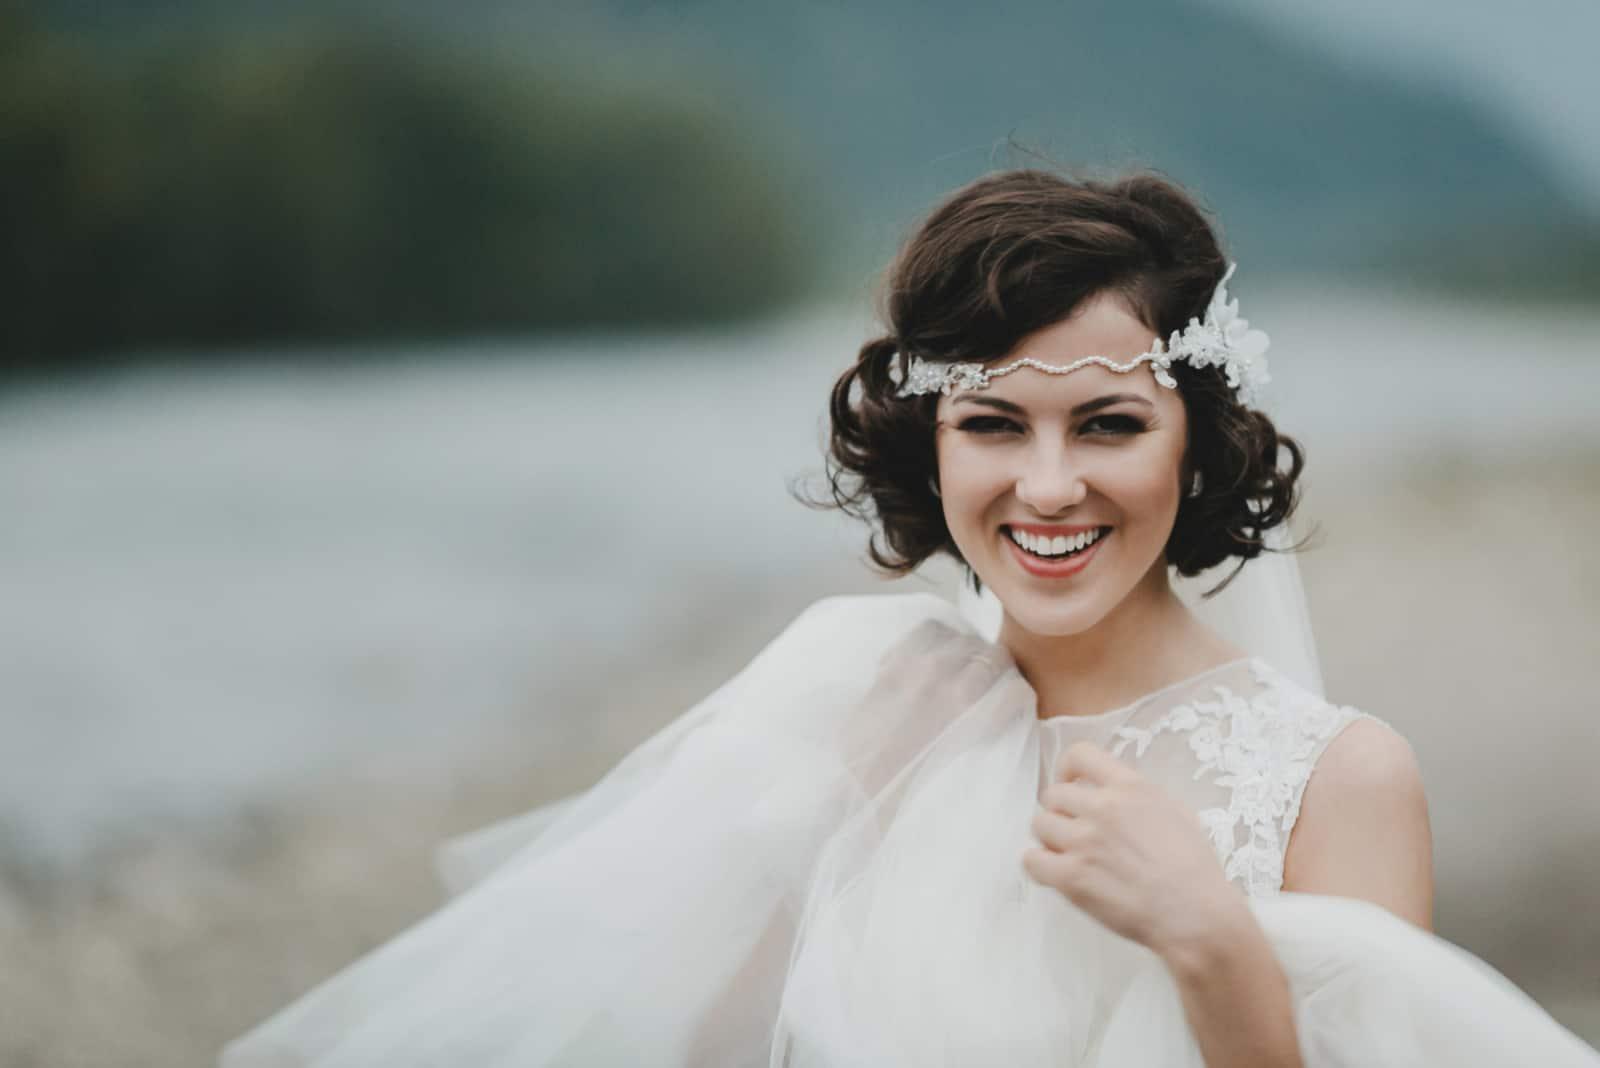 Braut mit kurzen brünetten Haaren lächelt